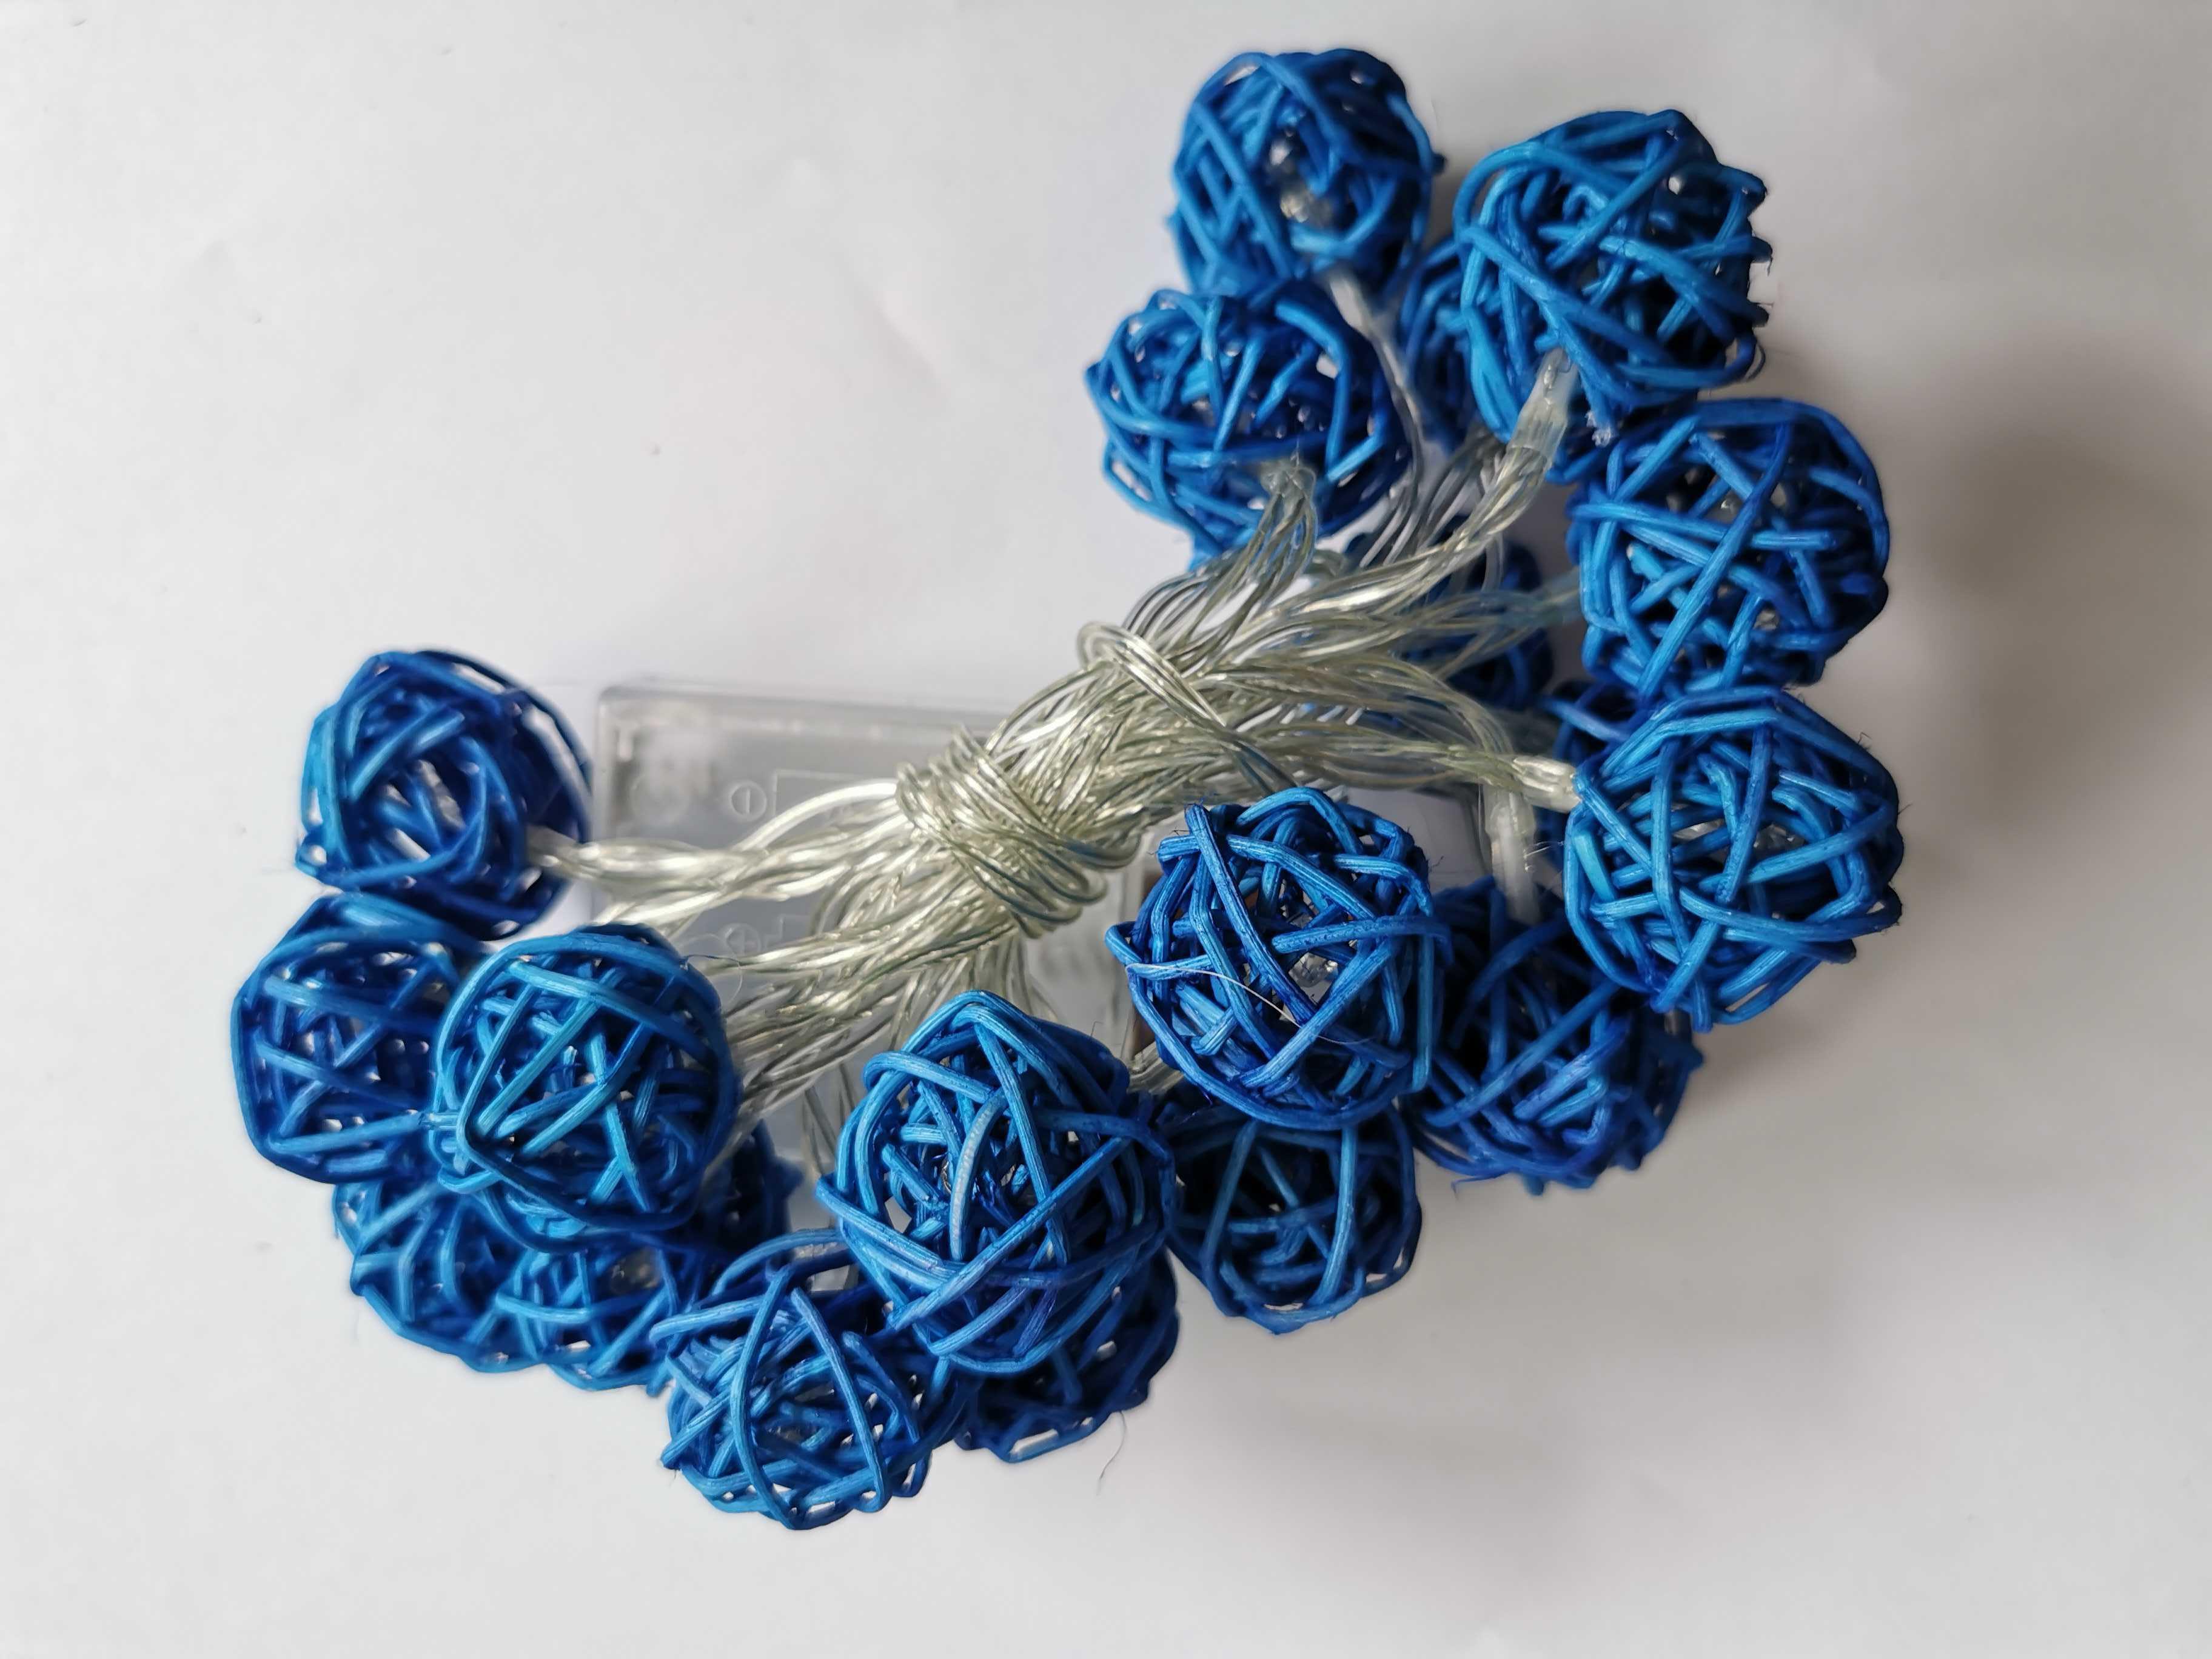 Dekorační svítící řetěz - Modrá